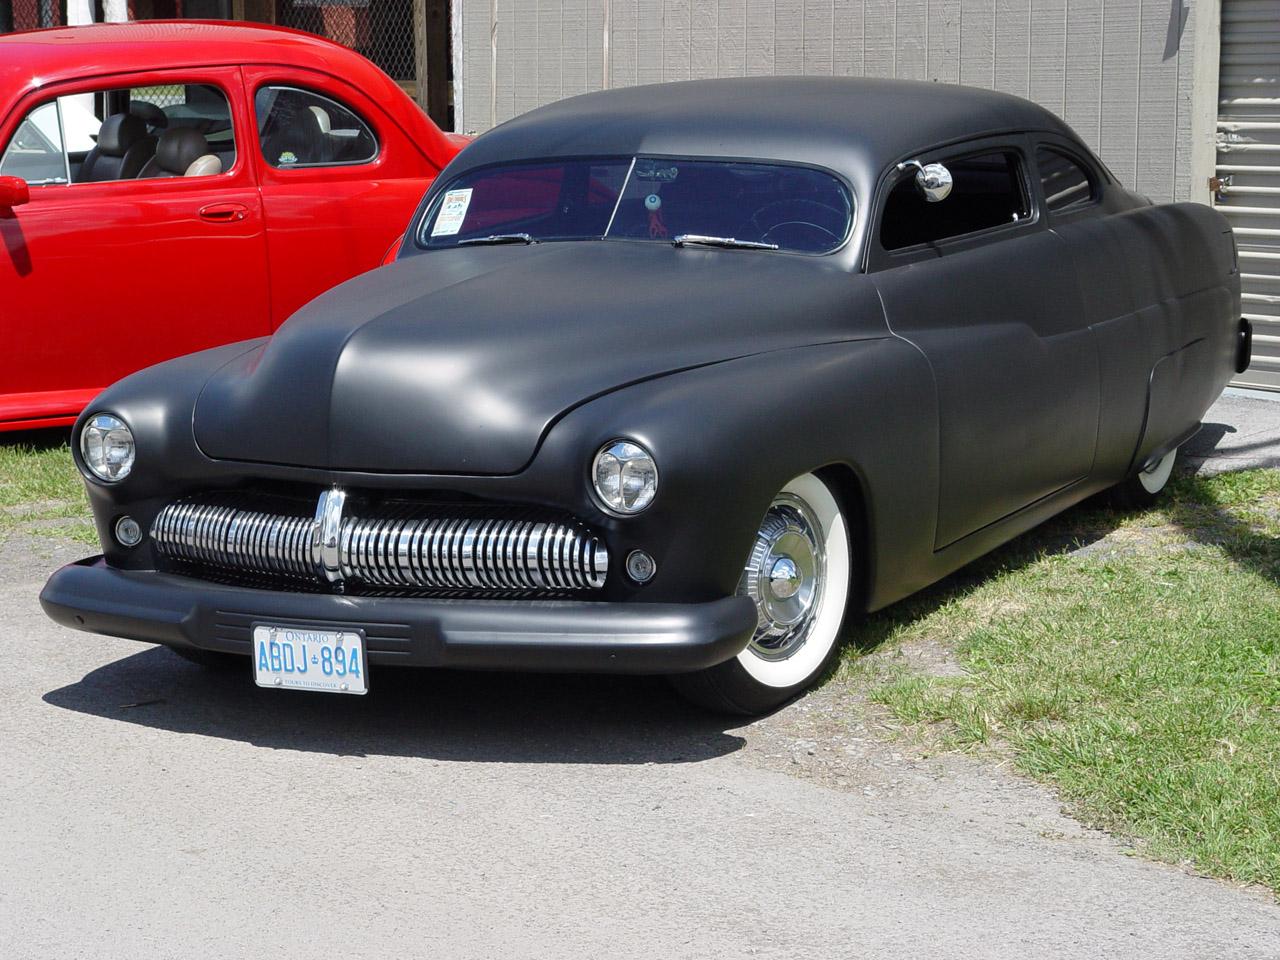 Chevrolet mercury